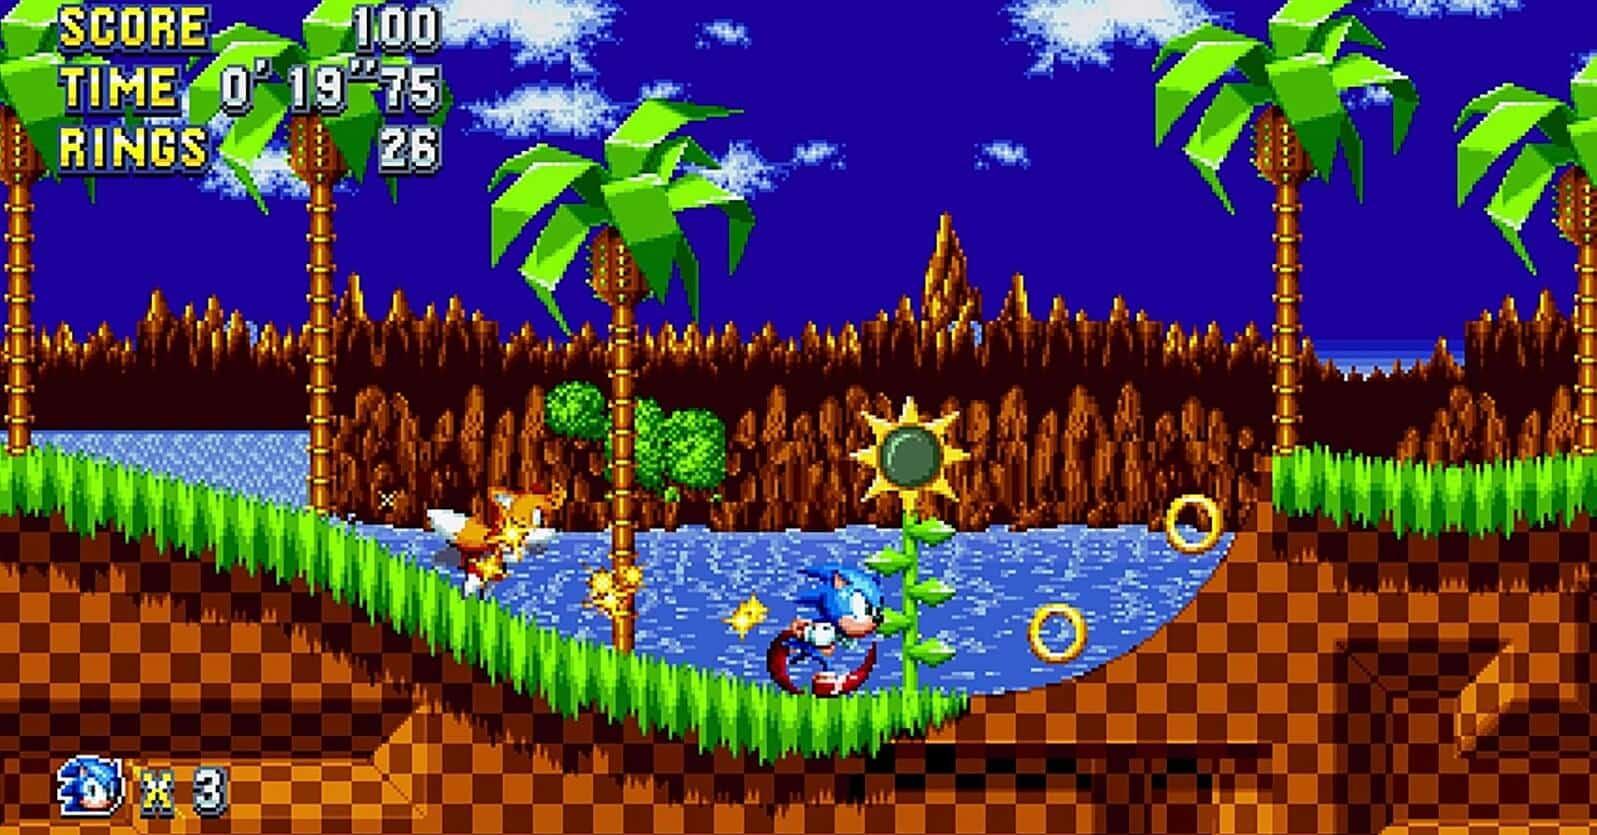 Sega games